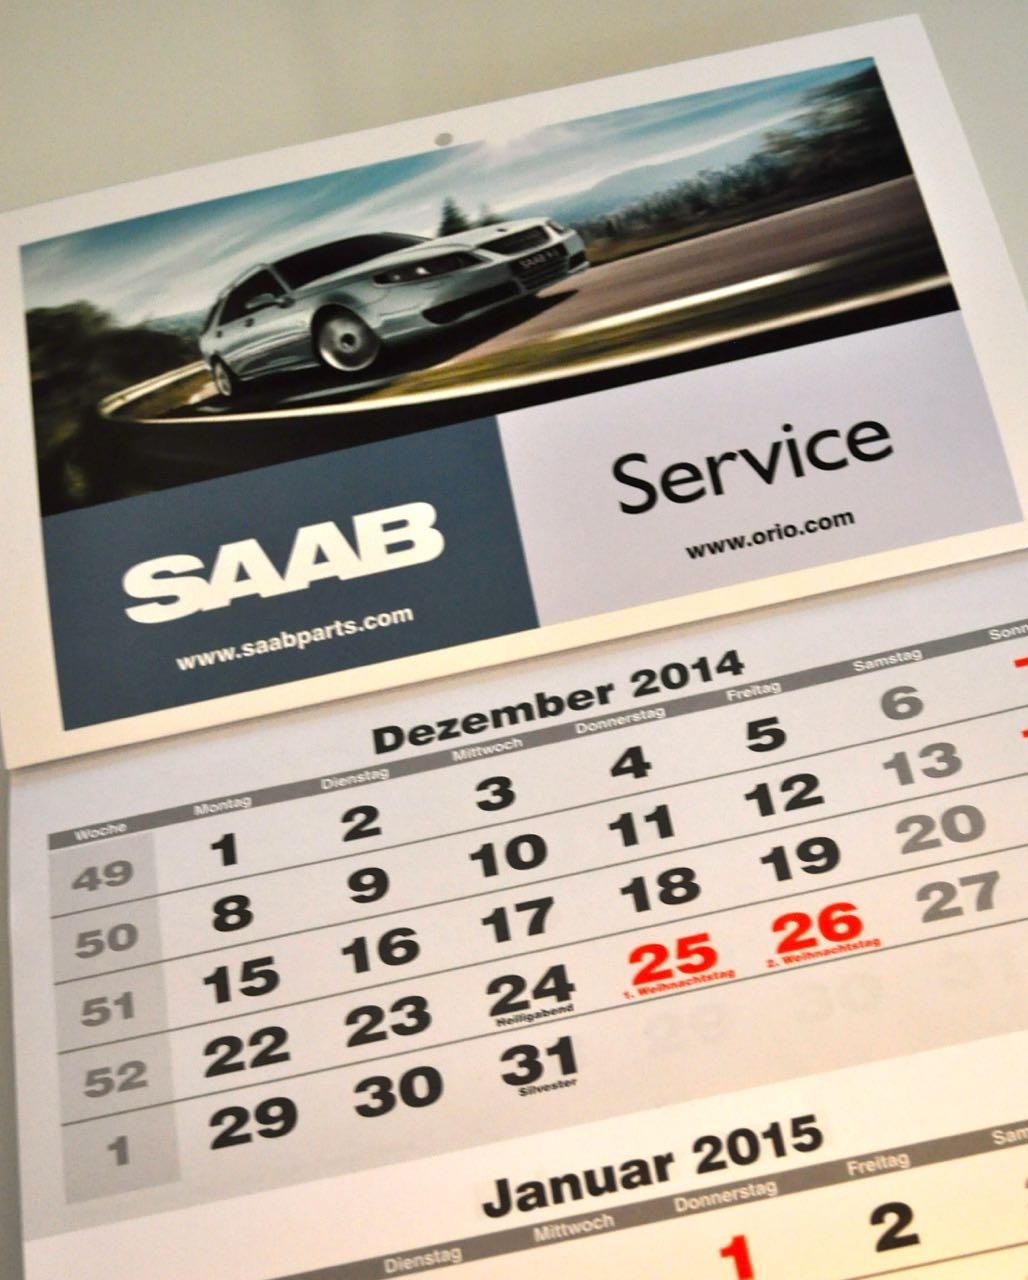 Saab Kalender 2015 der Orio Deutschland GmbH